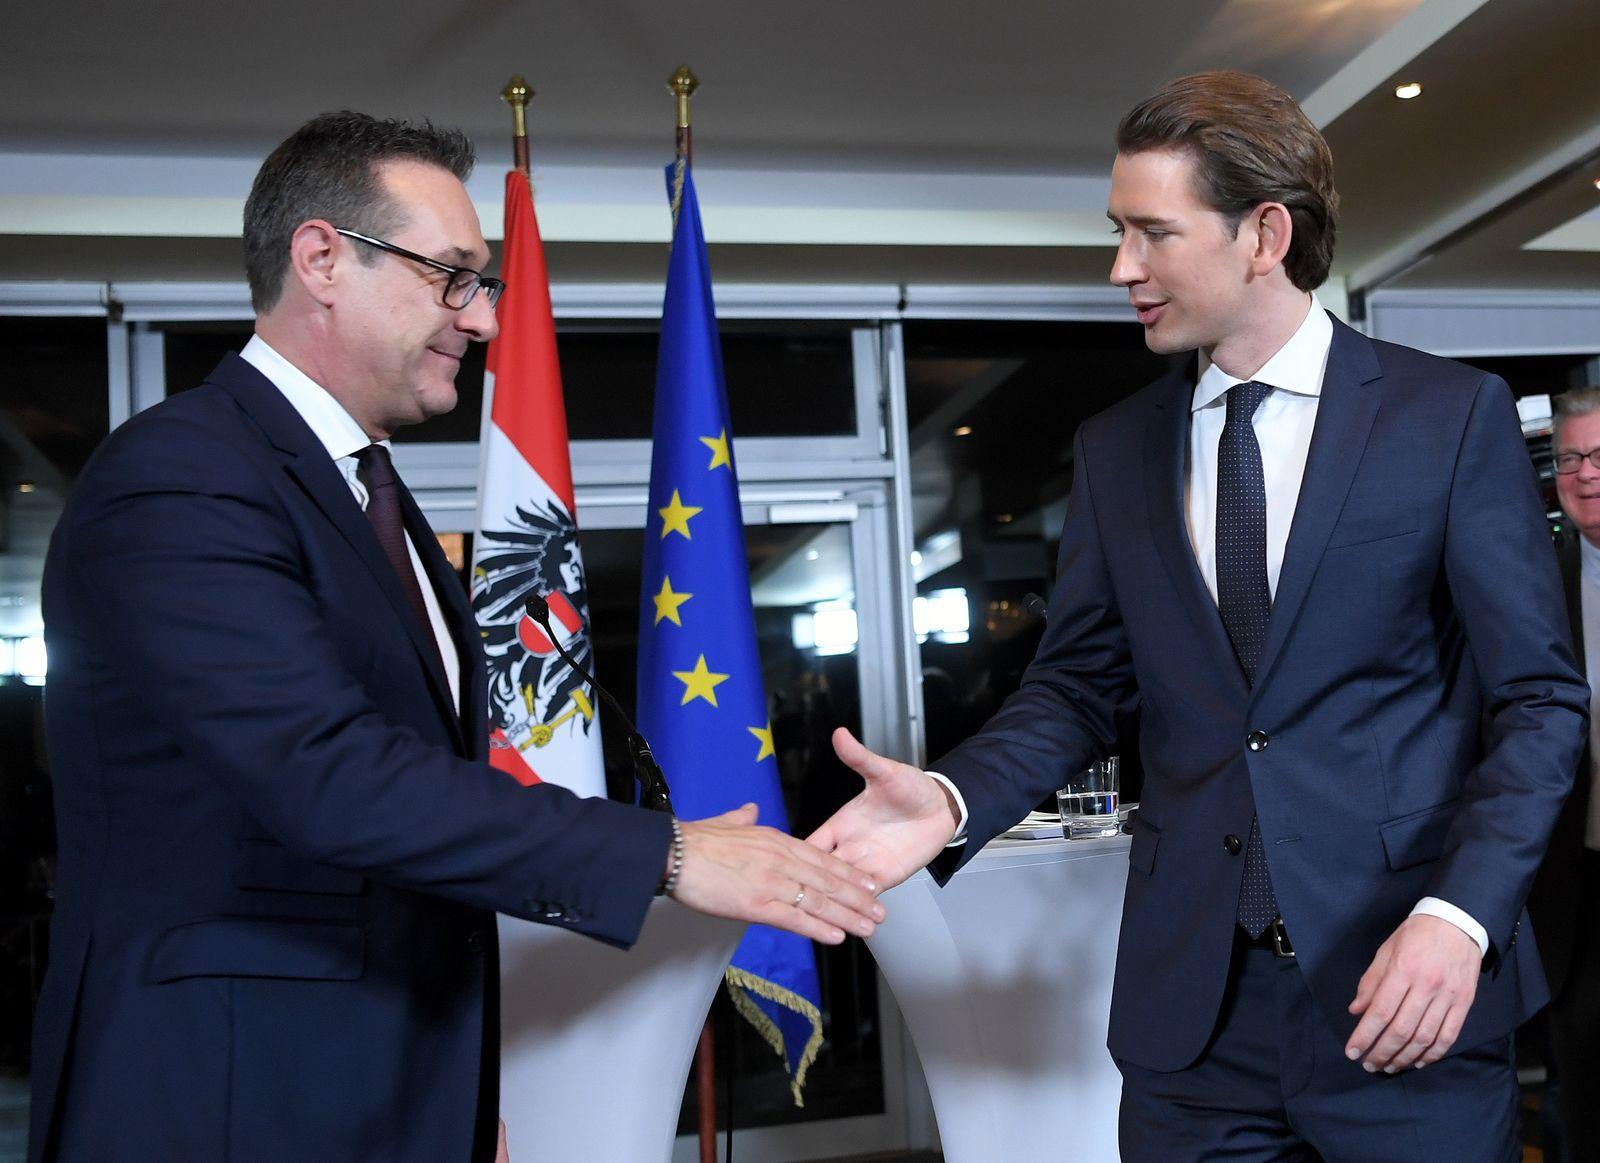 ÖVP-FPÖ-Bündnis in Österreich